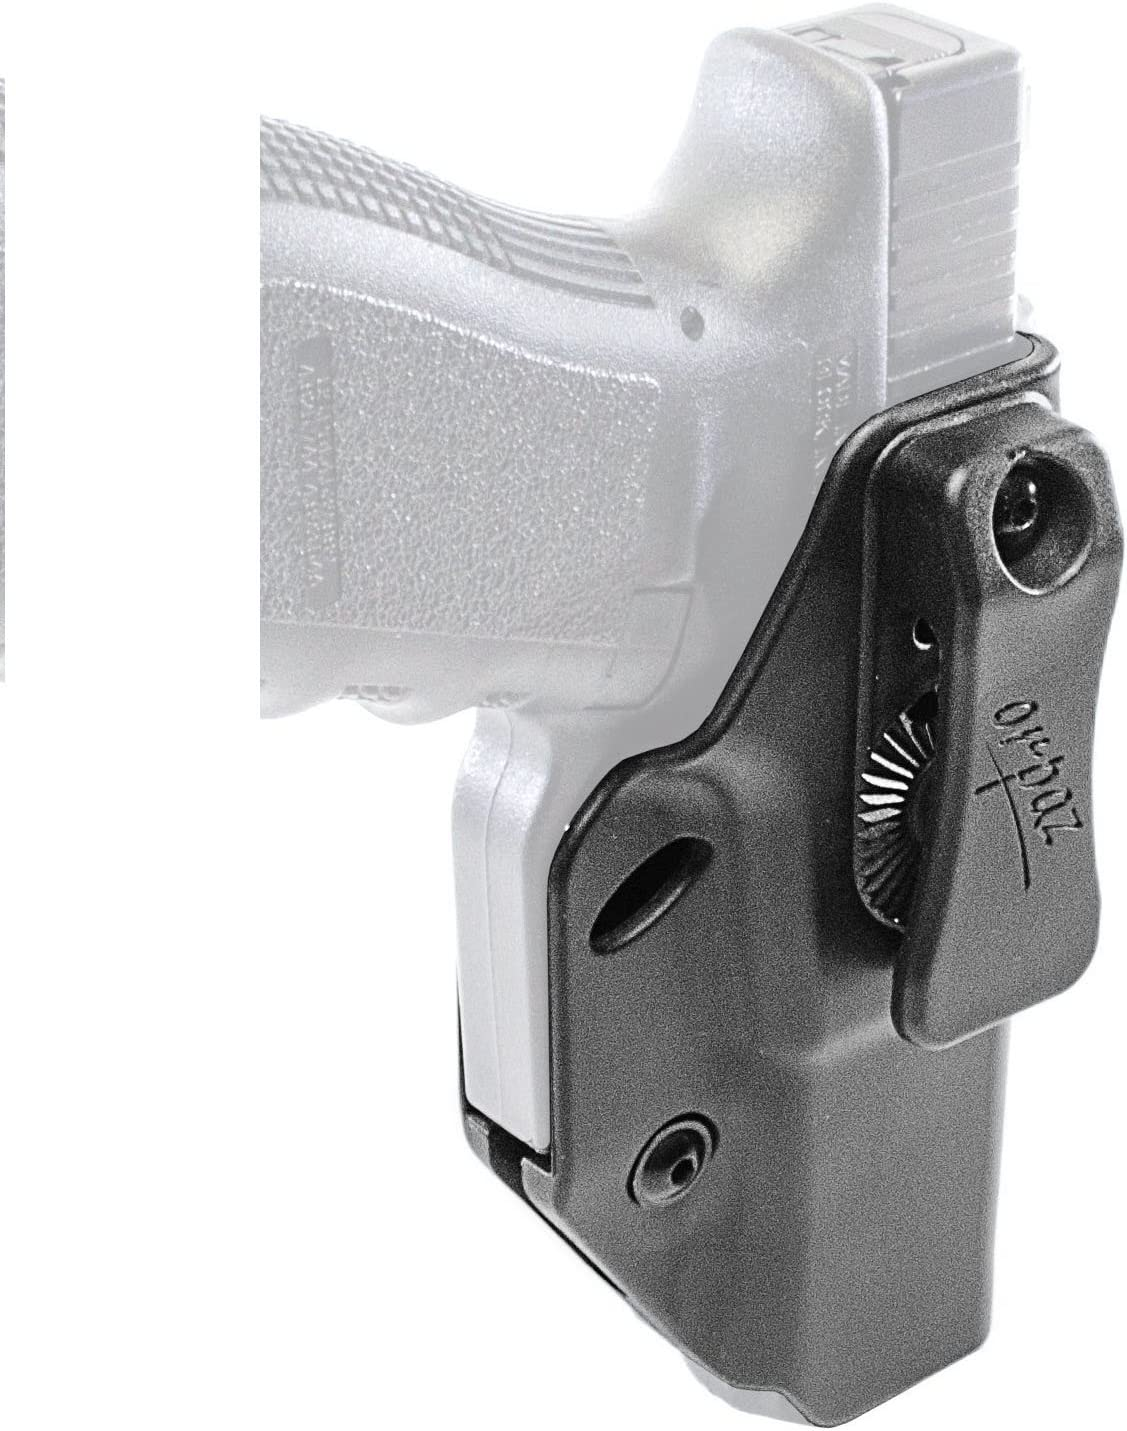 Orpaz Defense Holster étuide Seguridad táctico polivalente, IWB & OWB, Izquierda/Derecha Transporte Oculto Retention de Altura Ajustable y Ajuste con Clip de cinturón para Glock Pistola 17/19/22/